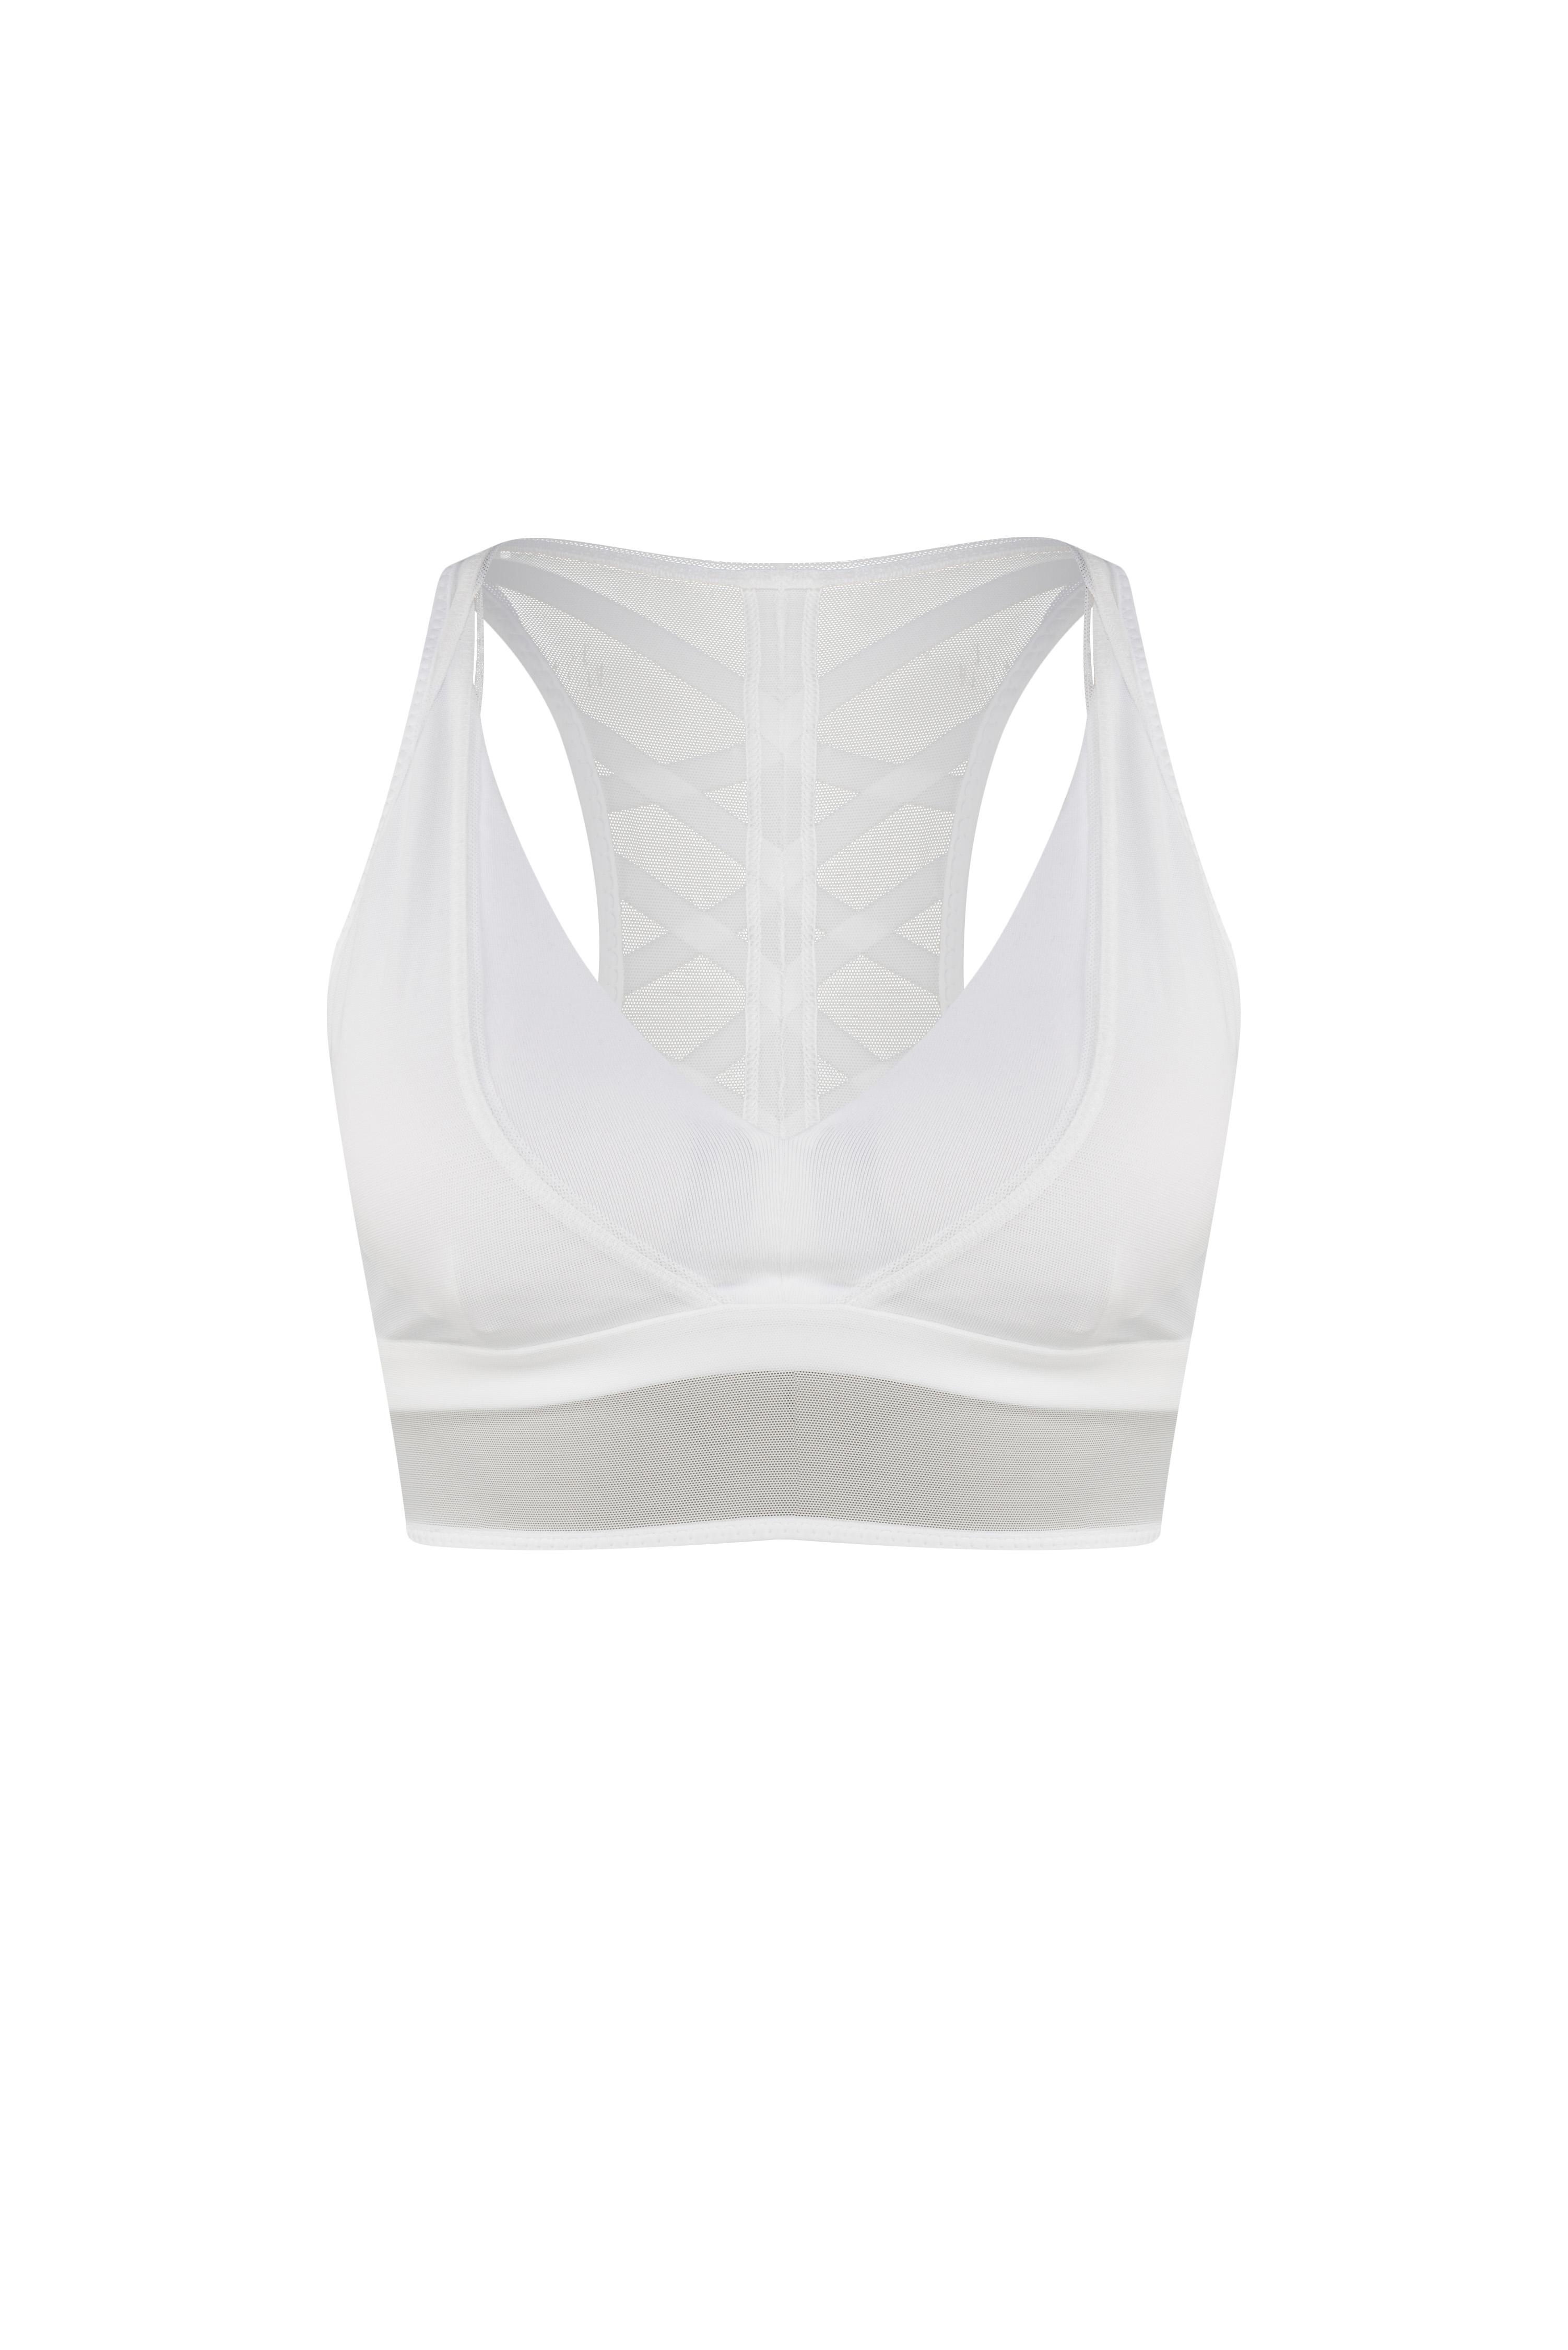 essential-rhythm-bra